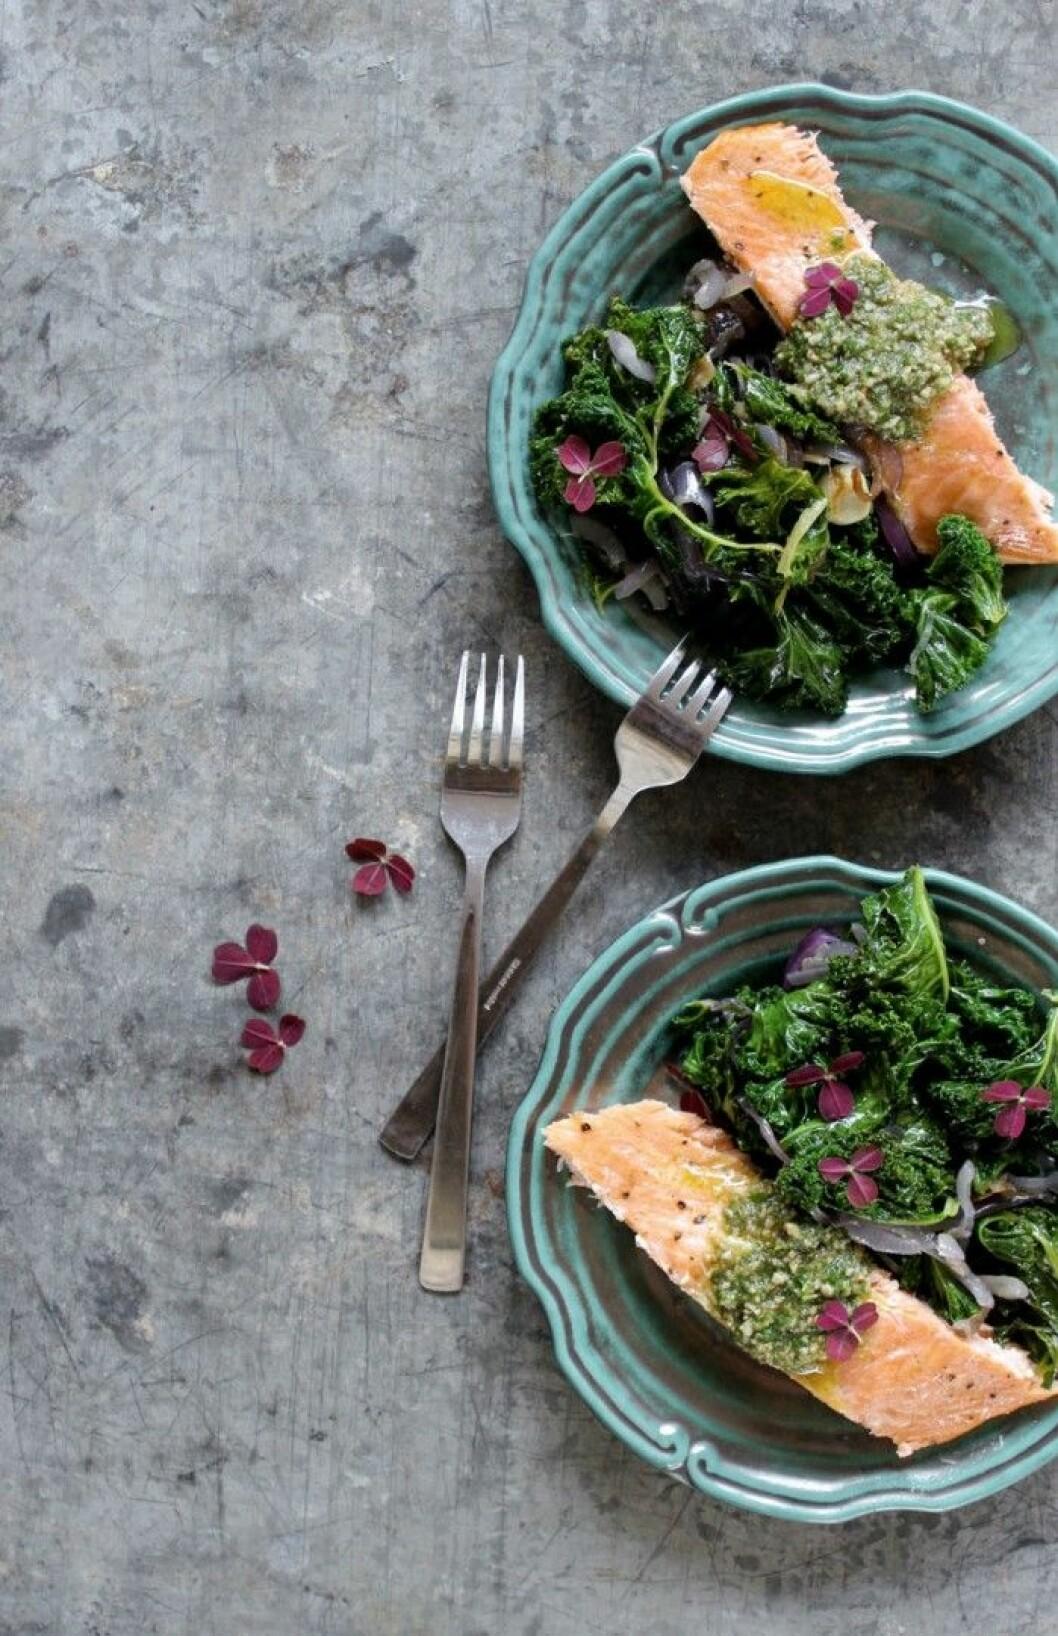 Veckans middagstips! Grönkål med ugnsbakad lax och solrospesto på gröna tallrikar